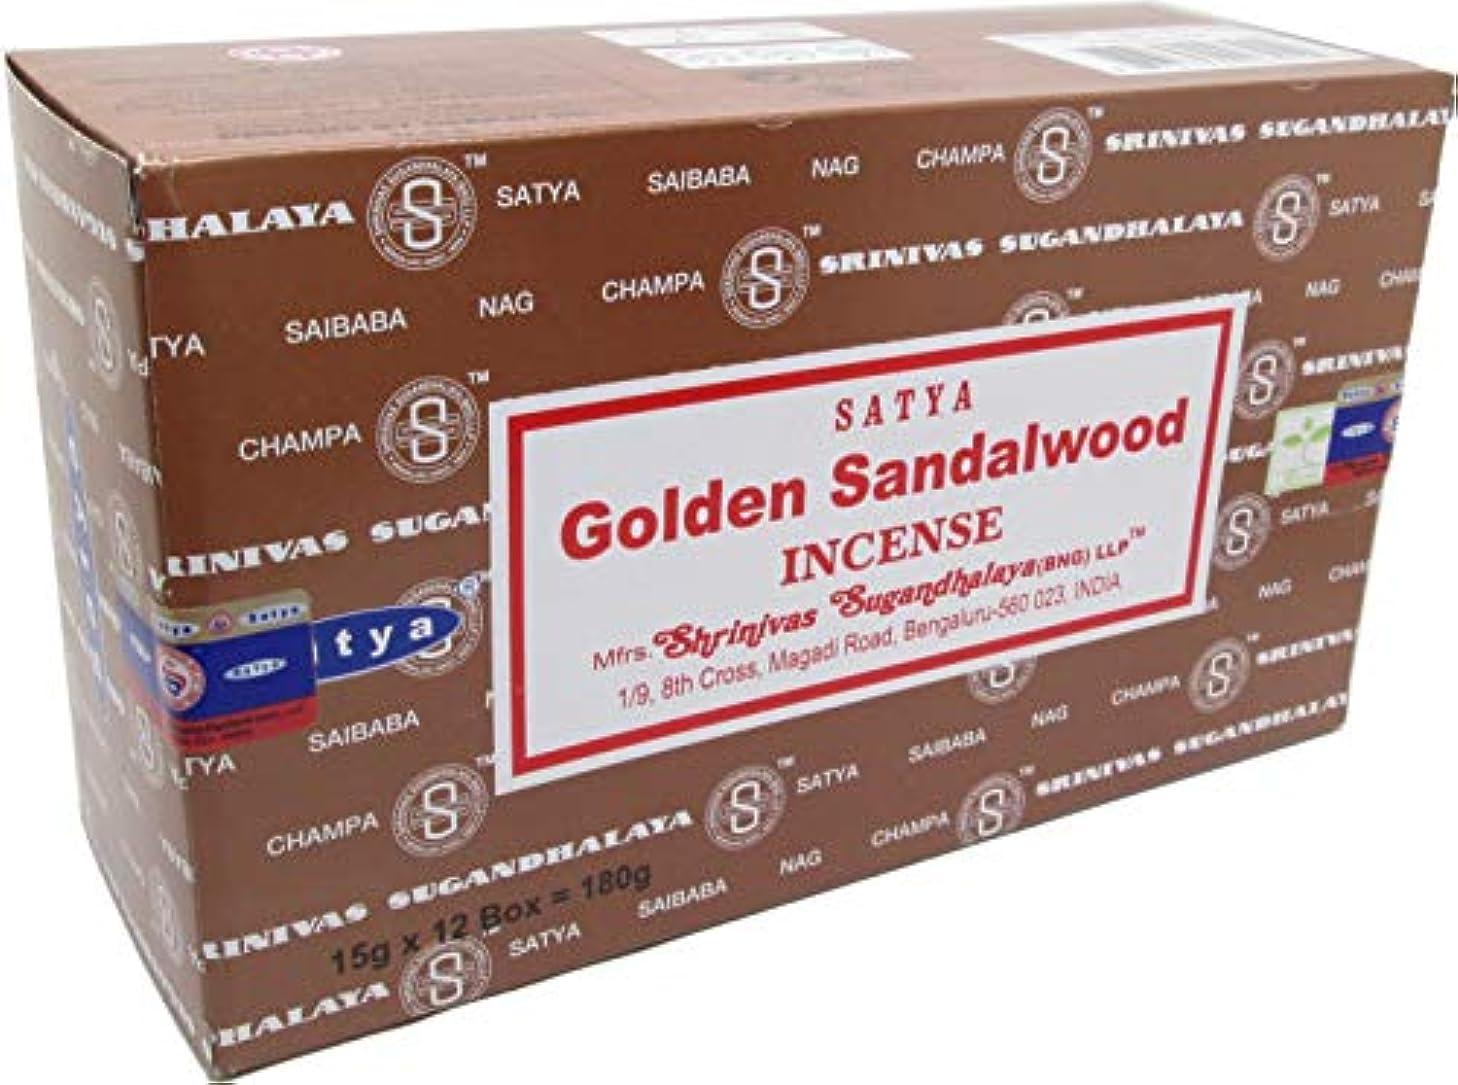 壊れたカラス報告書Cultural Exchange Satya Sai Baba ゴールデンサンダルウッドお香スティック [プリパック] 15 grams ブラウン 152068